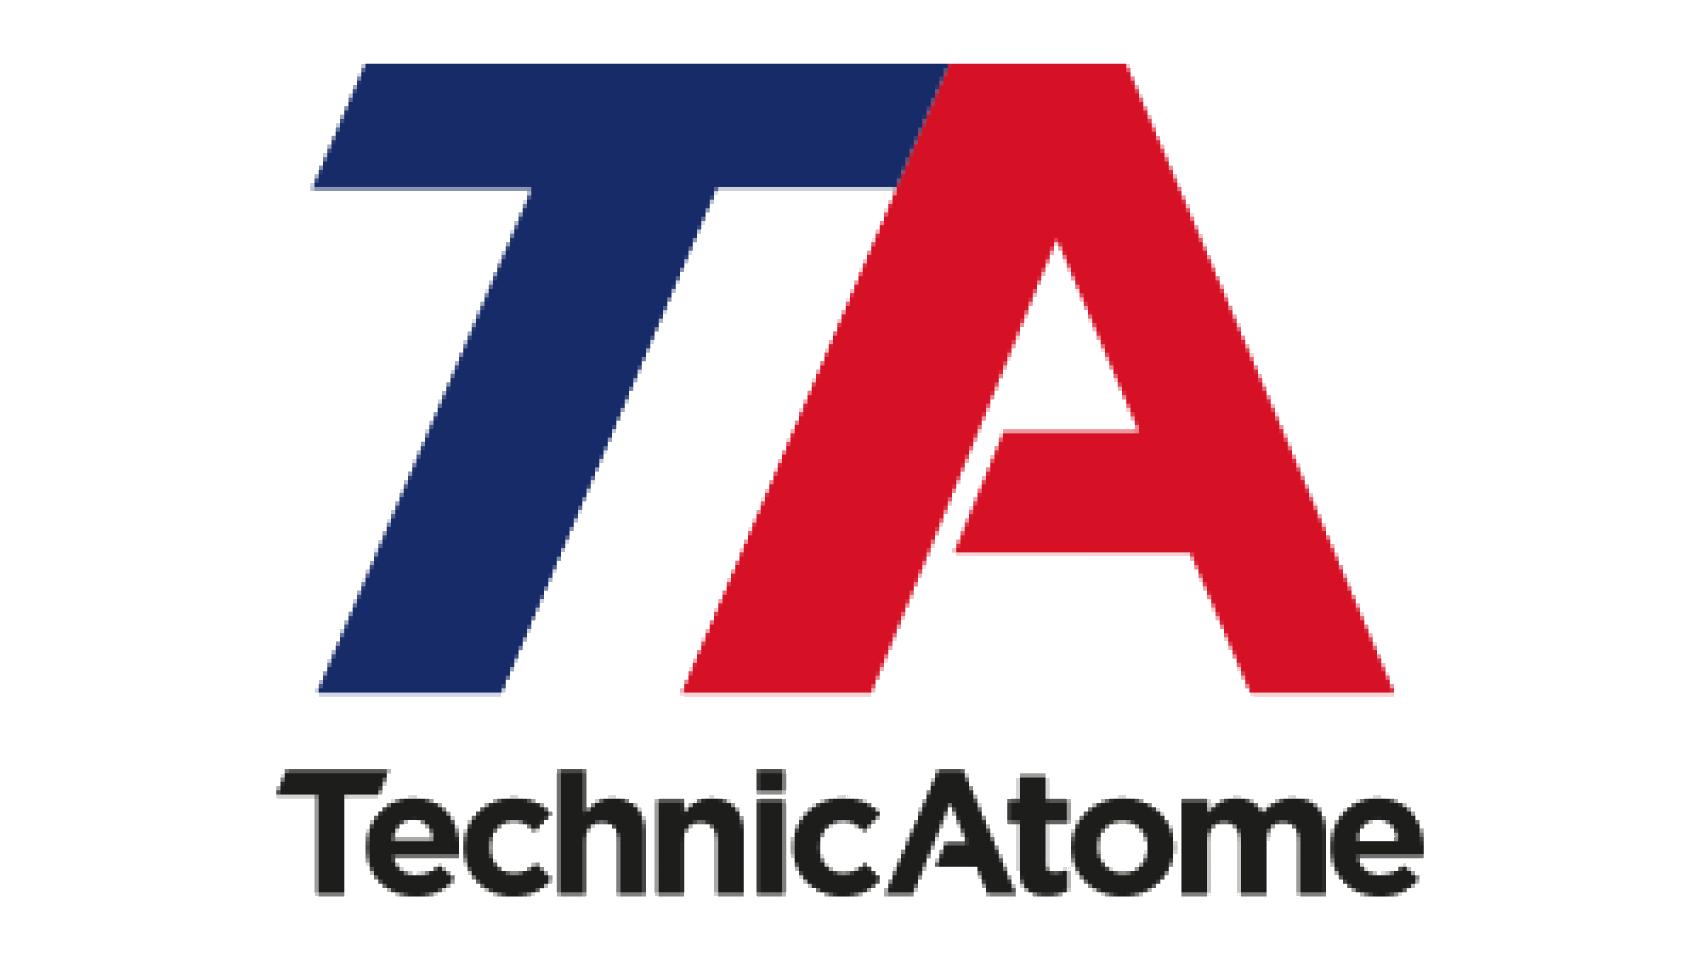 Technicatome